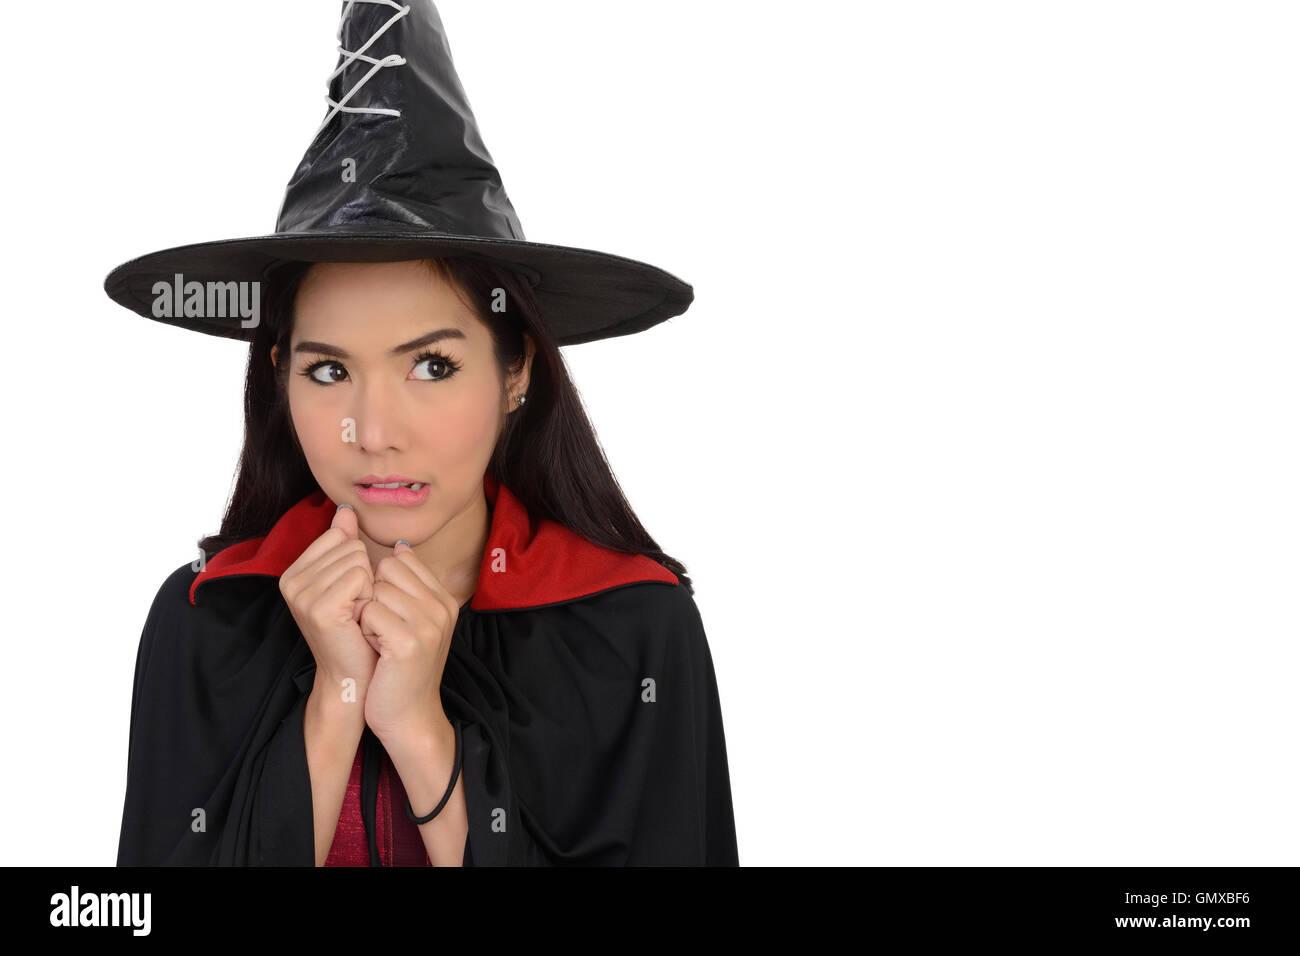 Chica guapa en traje de bruja para halloween noche sobre fondo